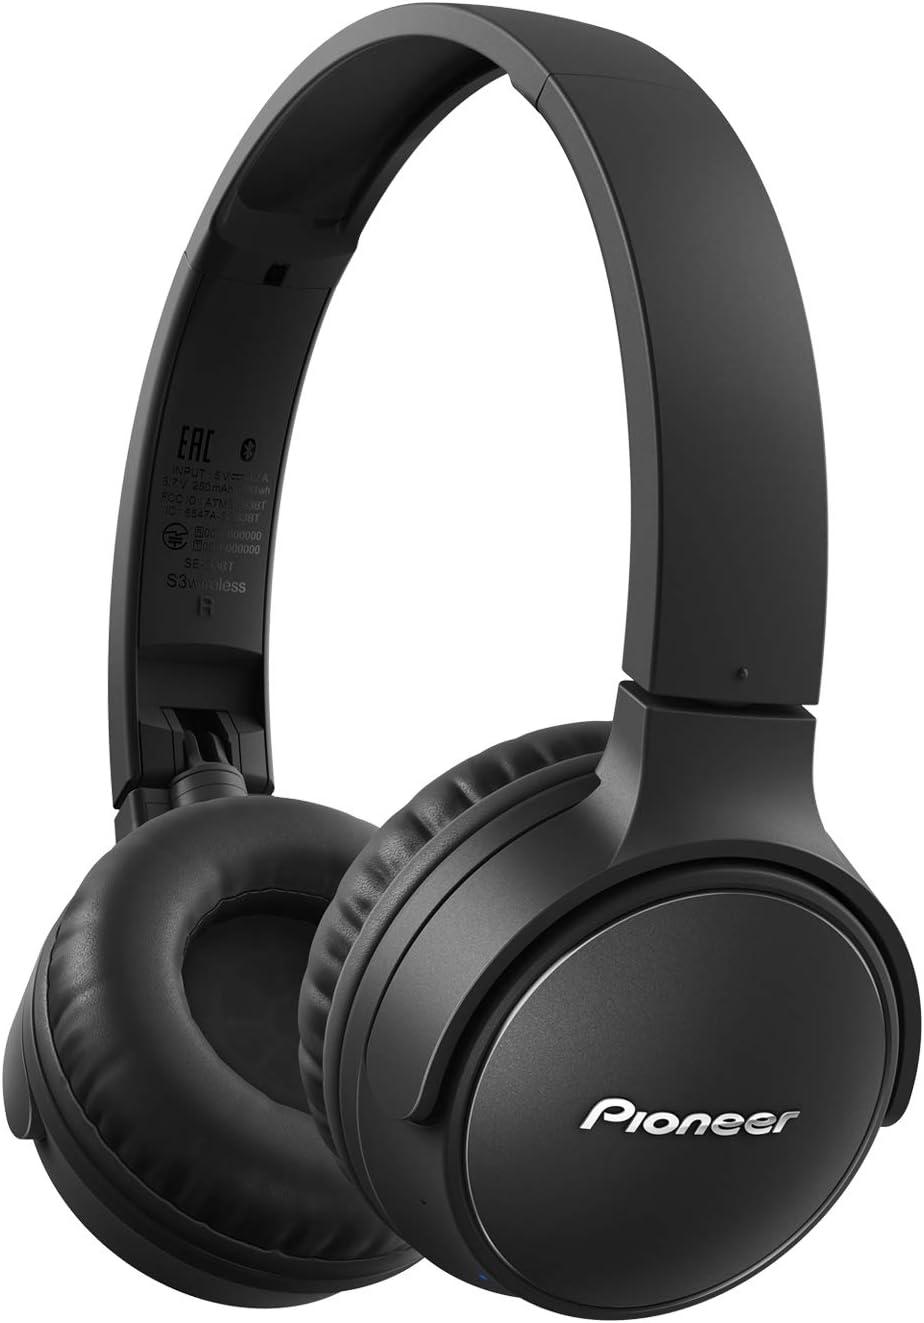 Pioneer S3wireless SE-S3BT audífonos Bluetooth 5.0, Tipo Sellado hasta 25 Horas de Uso [Importado de Japón] Negro